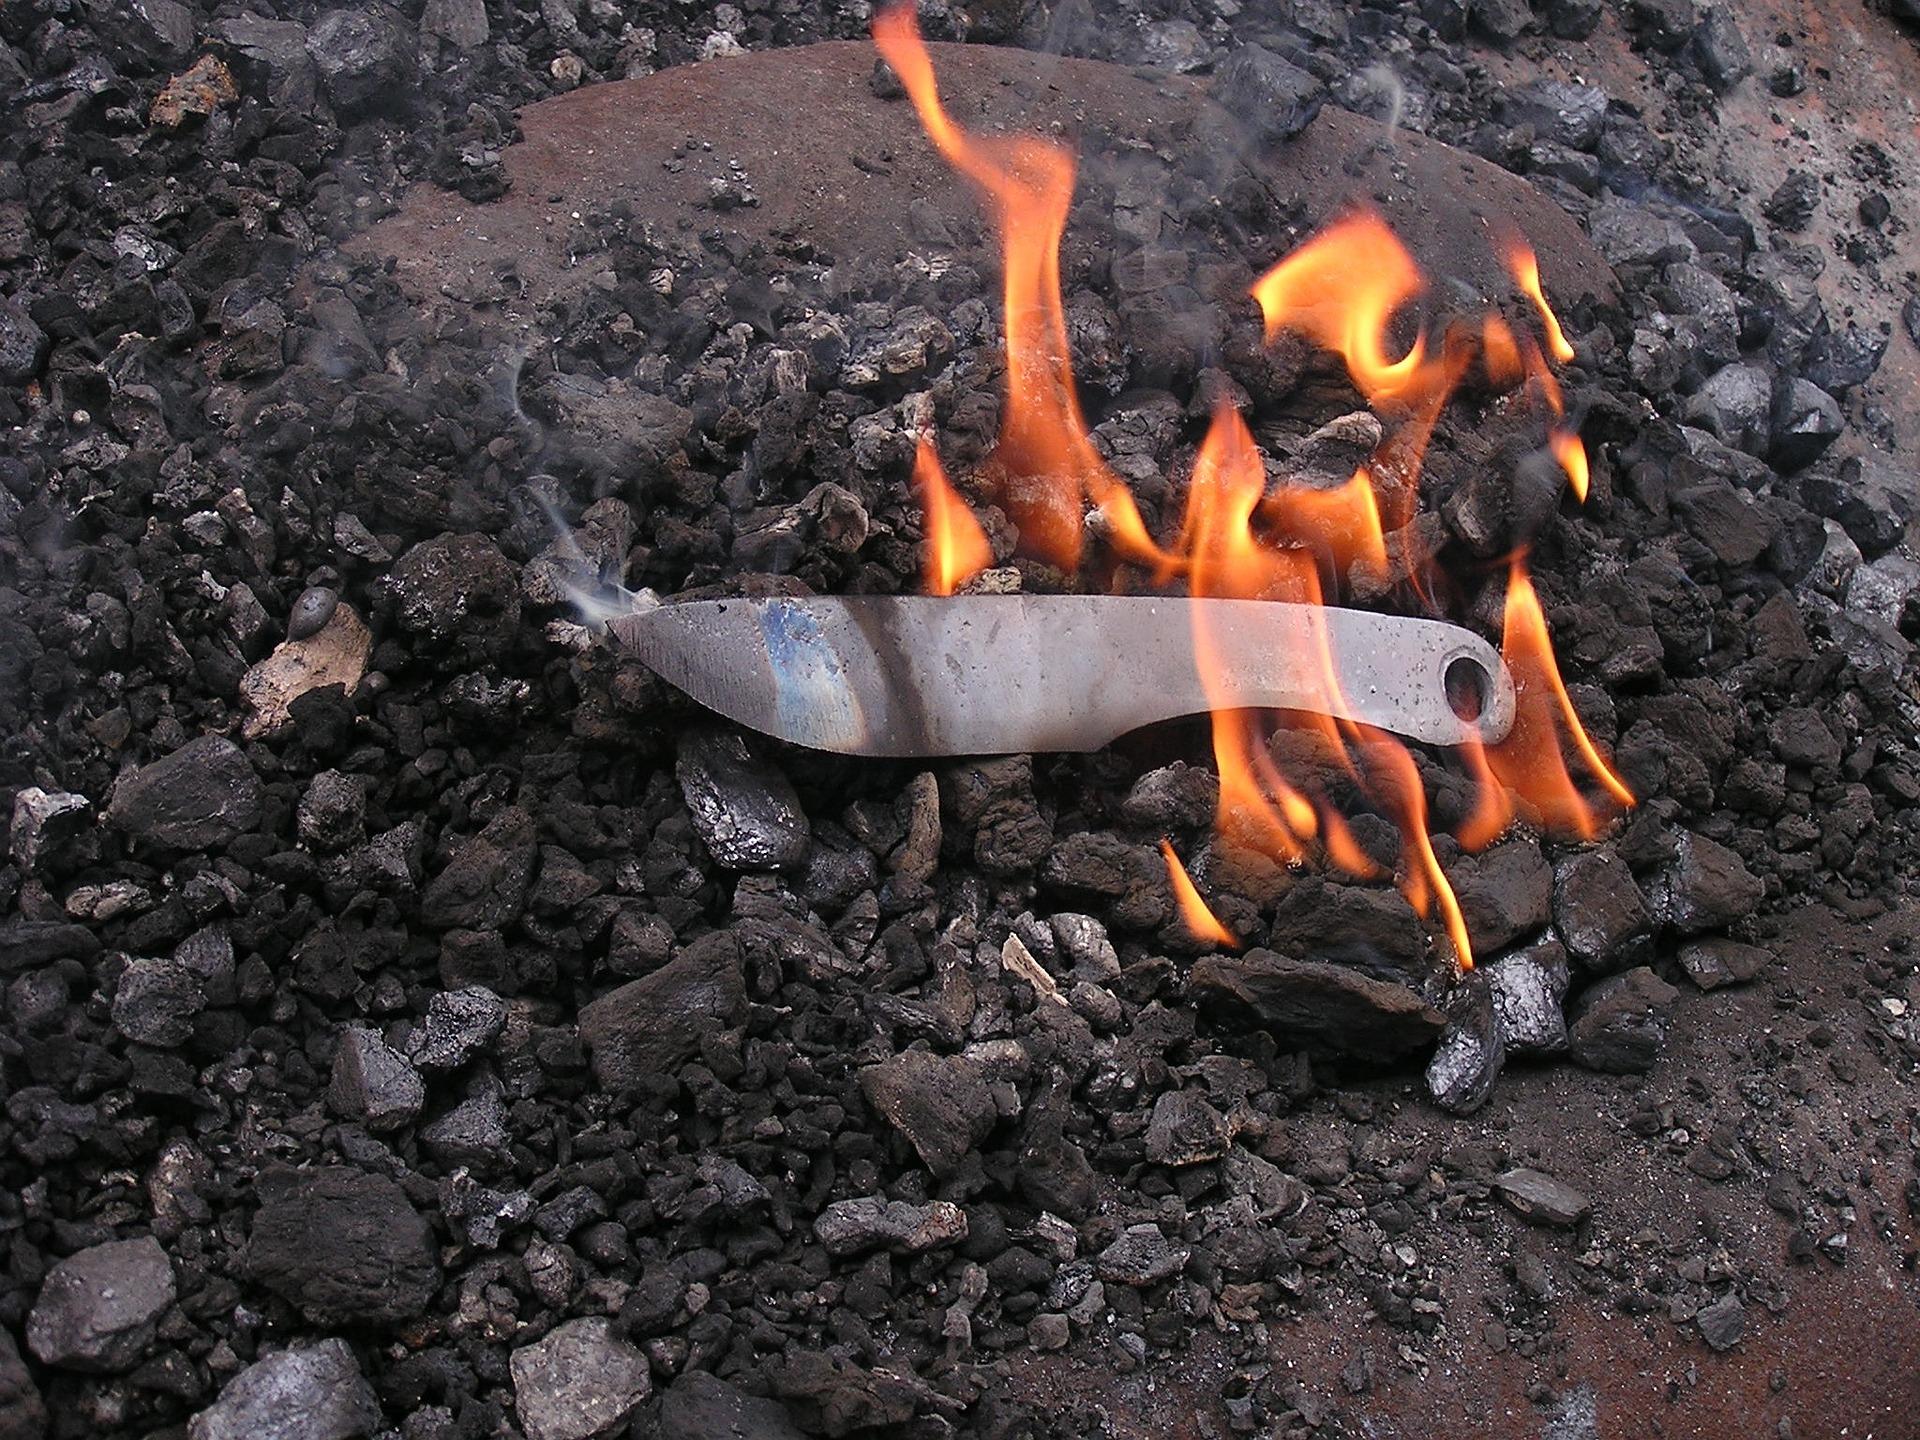 forge-knife-177949_1920.jpg